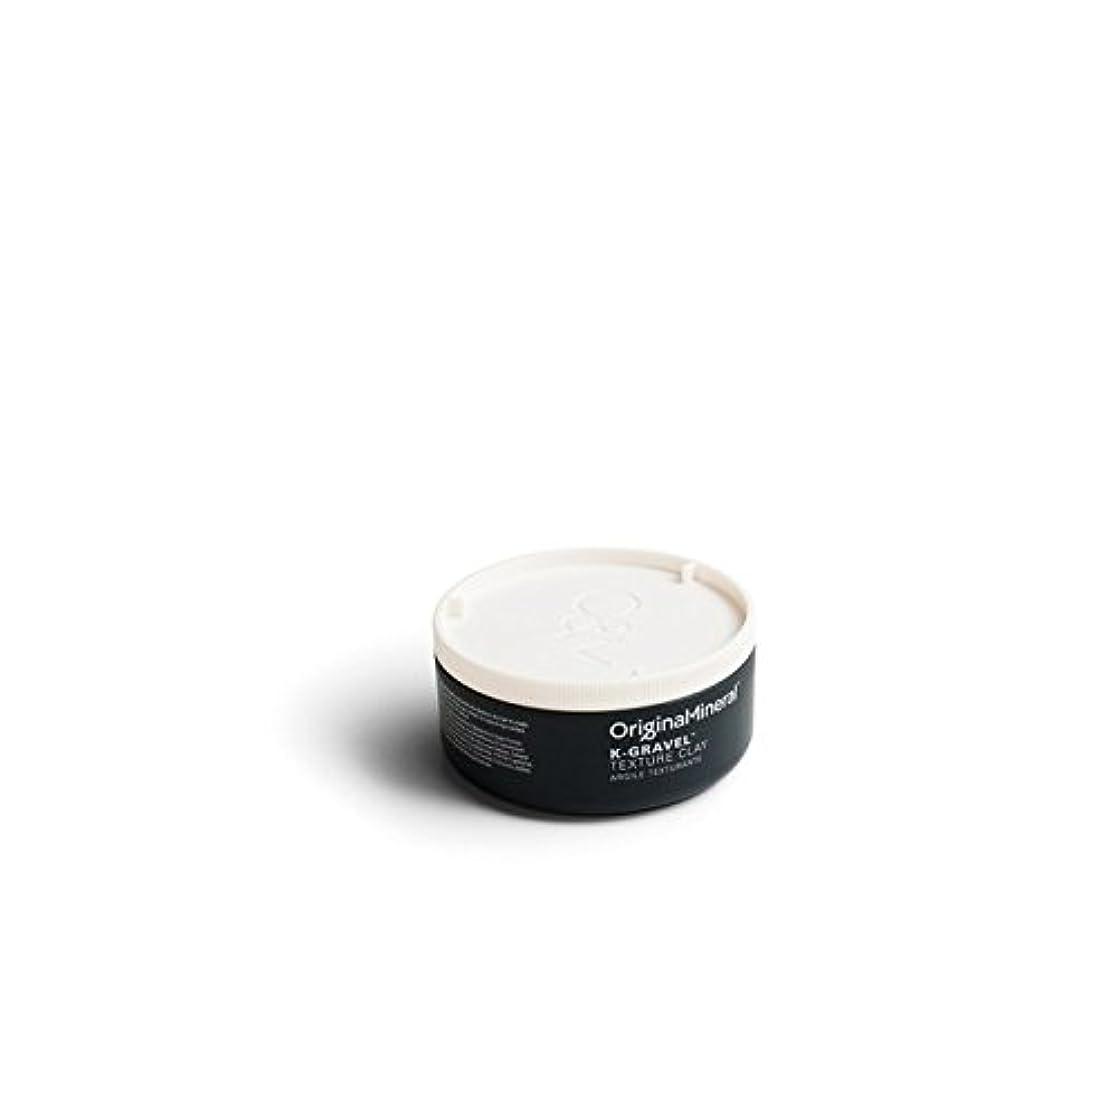 配当斧イデオロギー[Original & Mineral] オリジナル&ミネラルK-砂利テクスチャ粘土(100グラム) - Original & Mineral K-Gravel Texture Clay (100g) [並行輸入品]